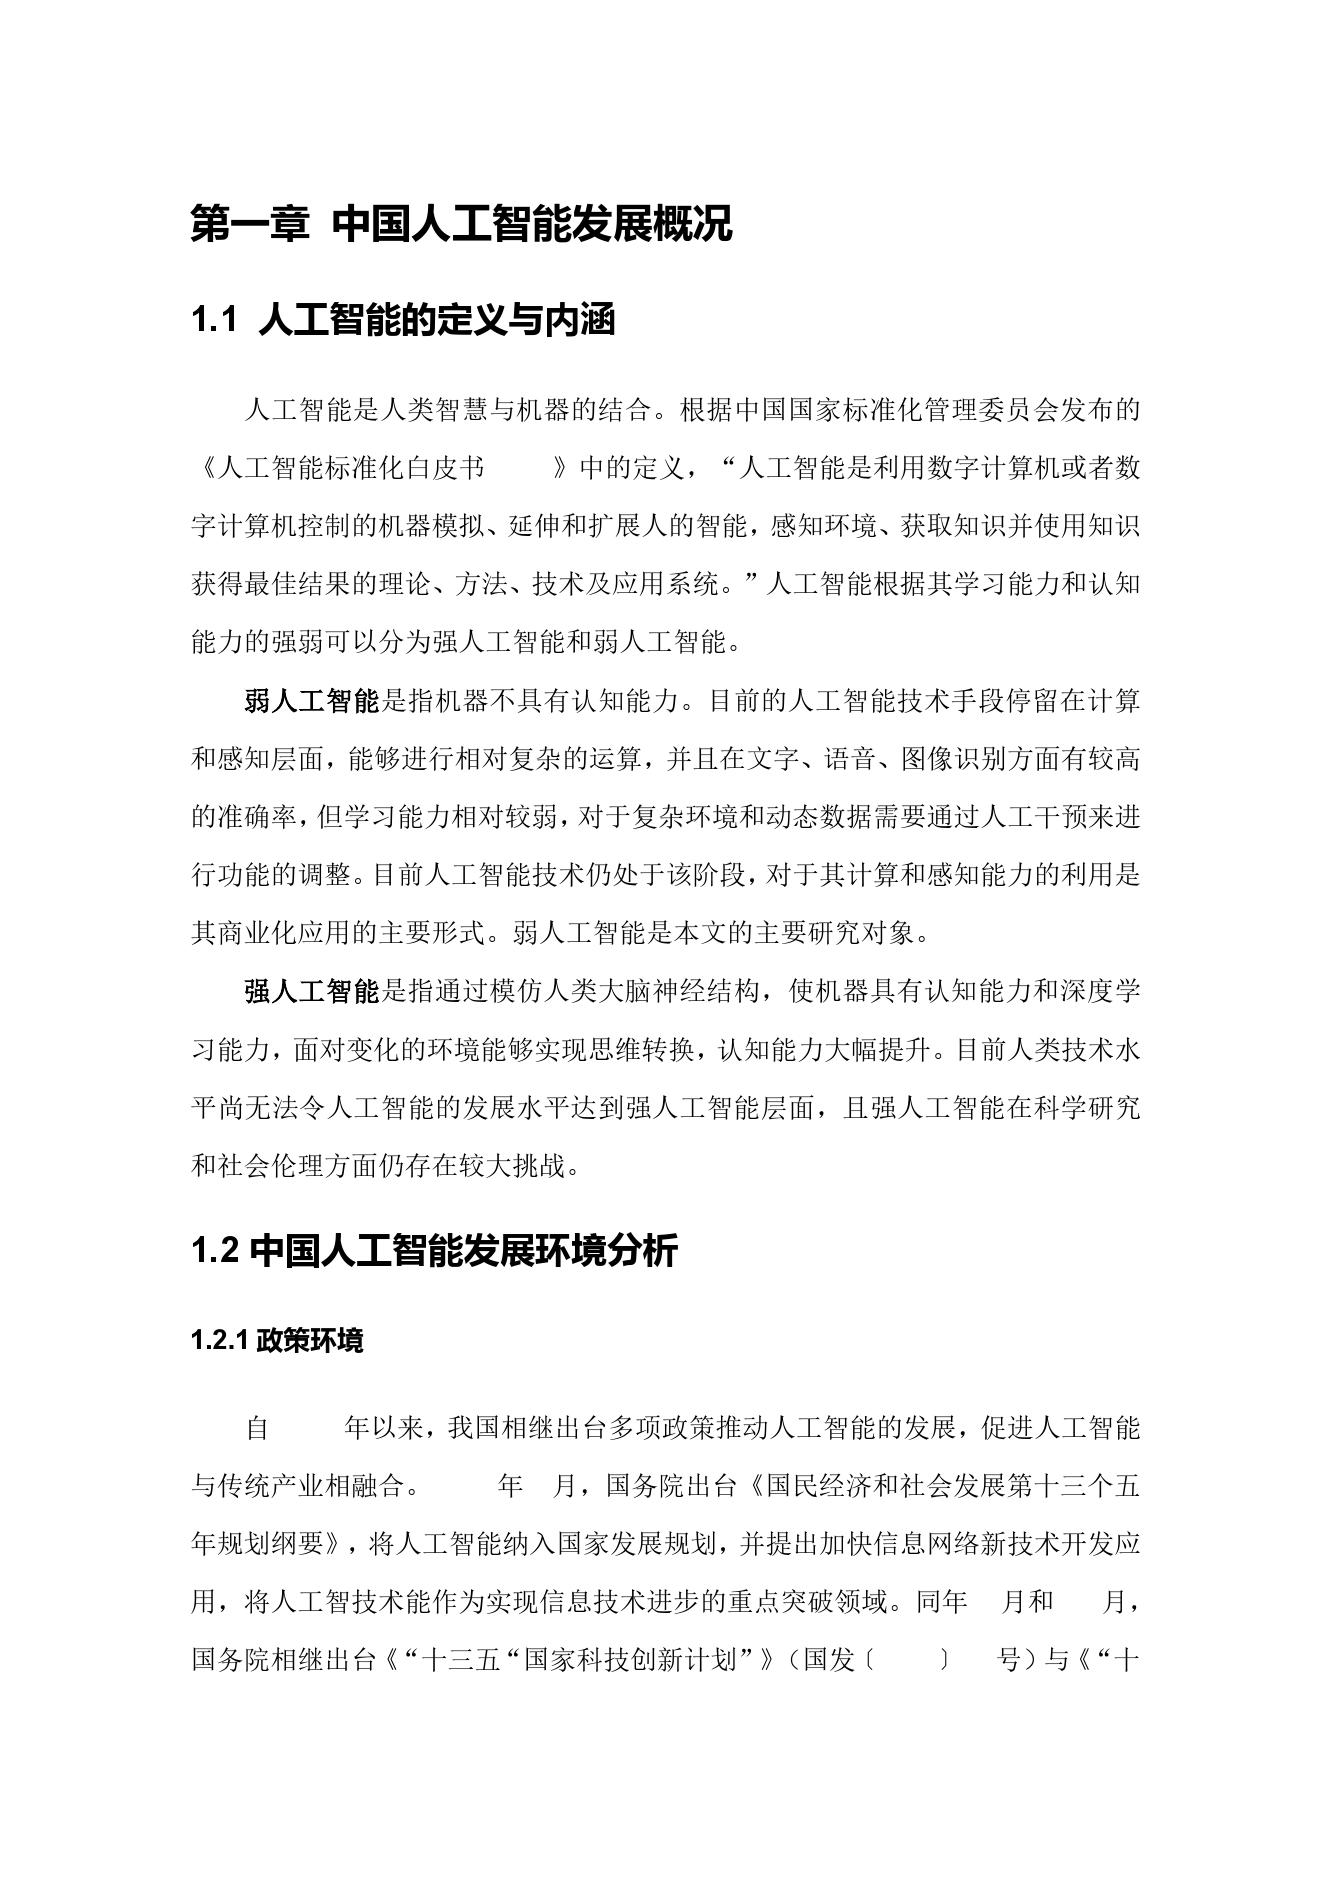 36氪研究院:2020年中国城市人工智能发展指数报告(可下载报告)插图(9)